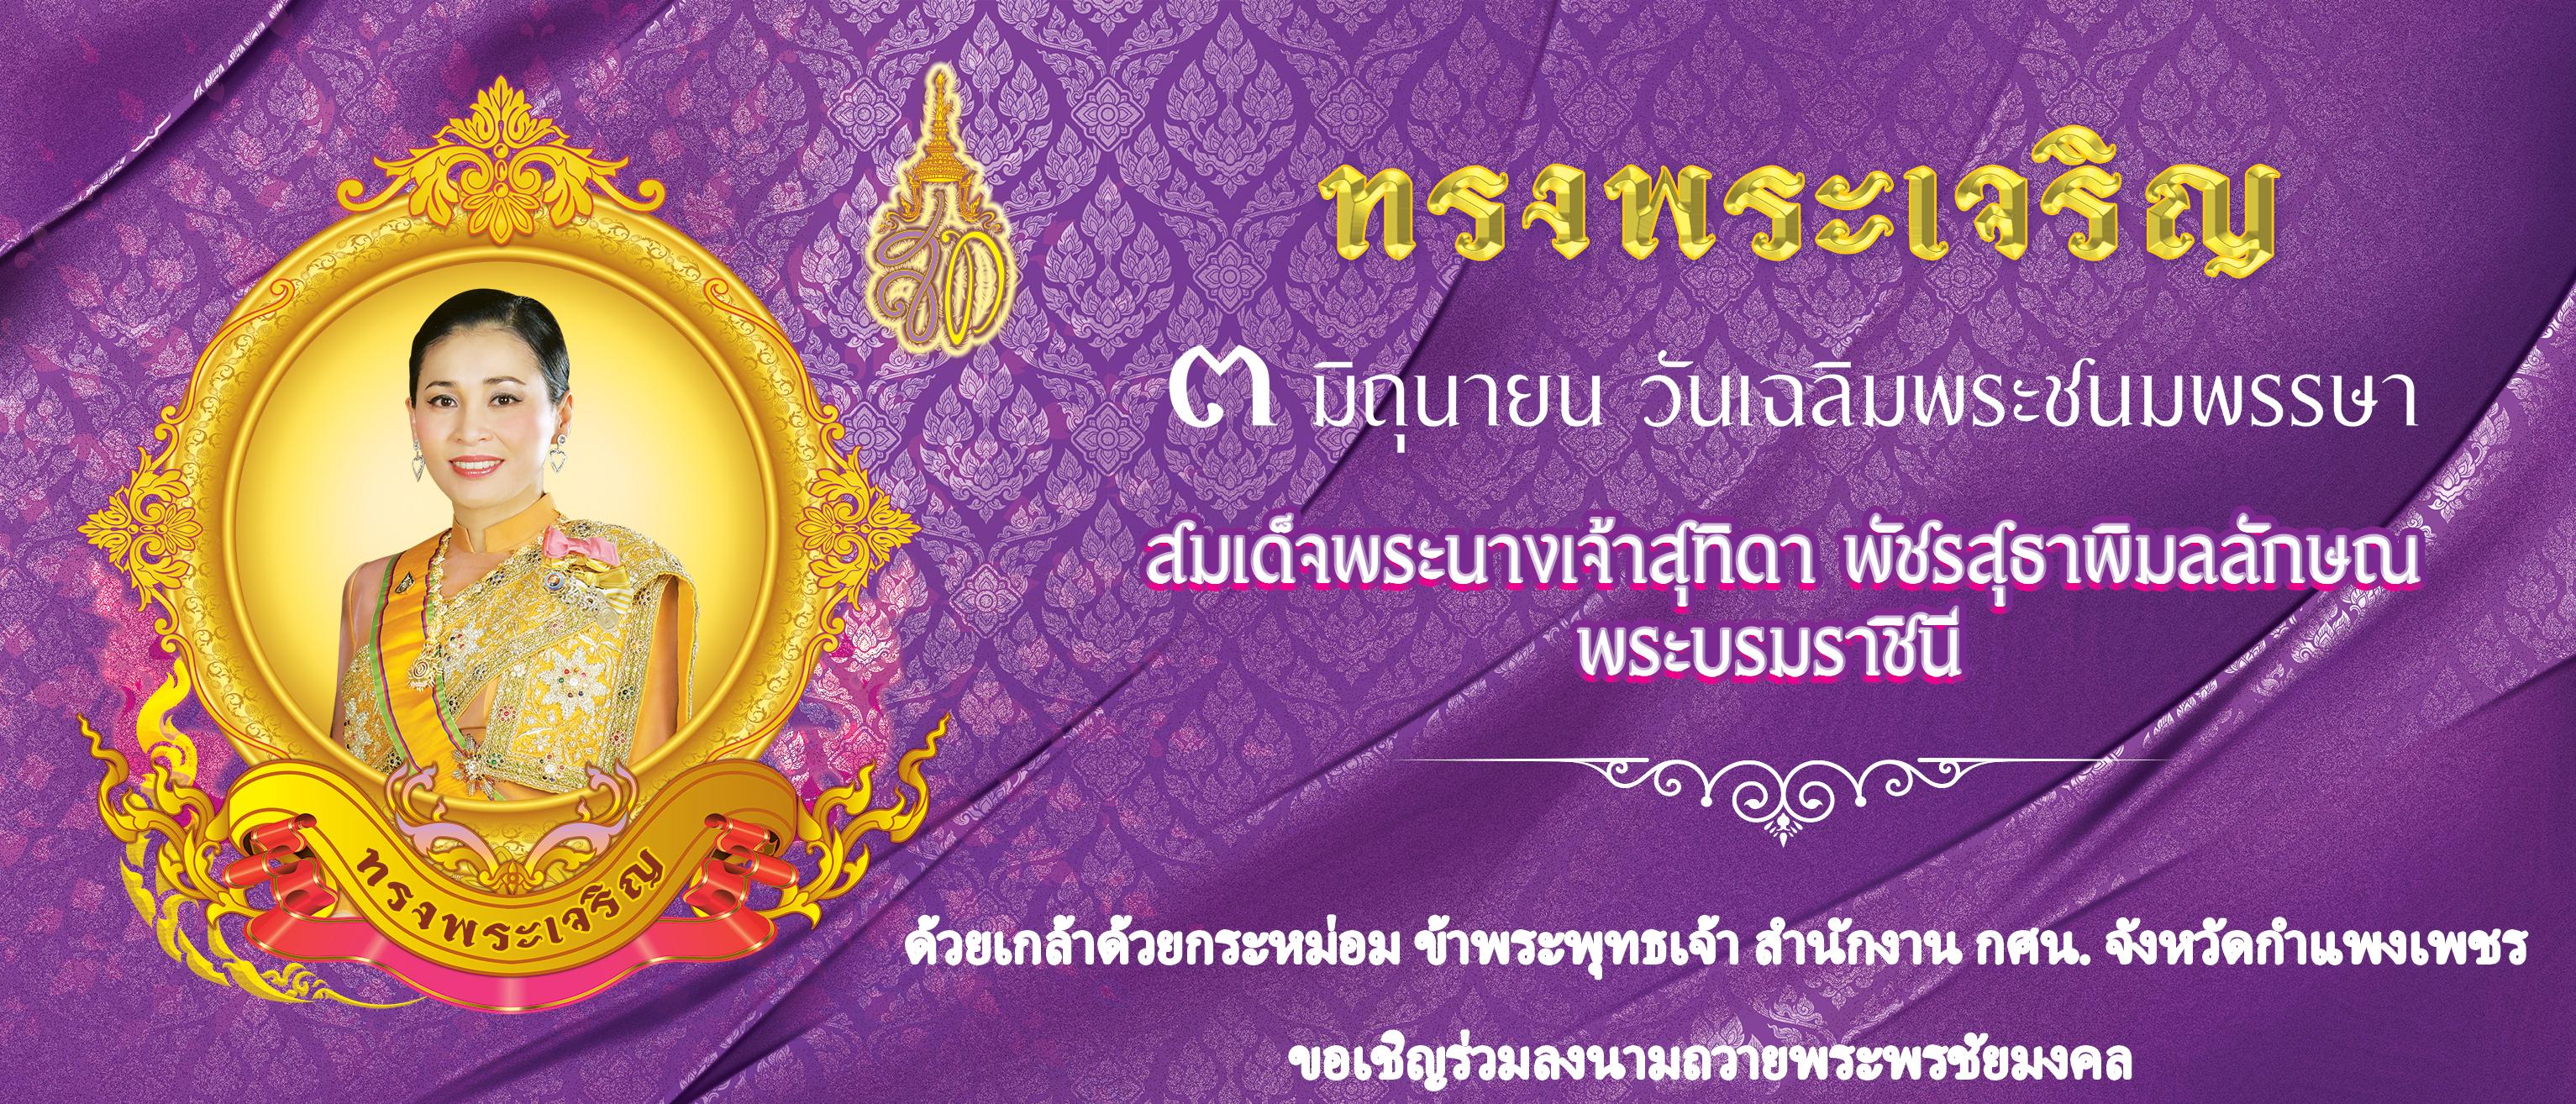 ขอเชิญร่วมลงนามถวายพระพรชัยมงคล สมเด็จพระนางเจ้าสุทิดา พัชรสุธาพิมลลักษณ พระบรมราชินี